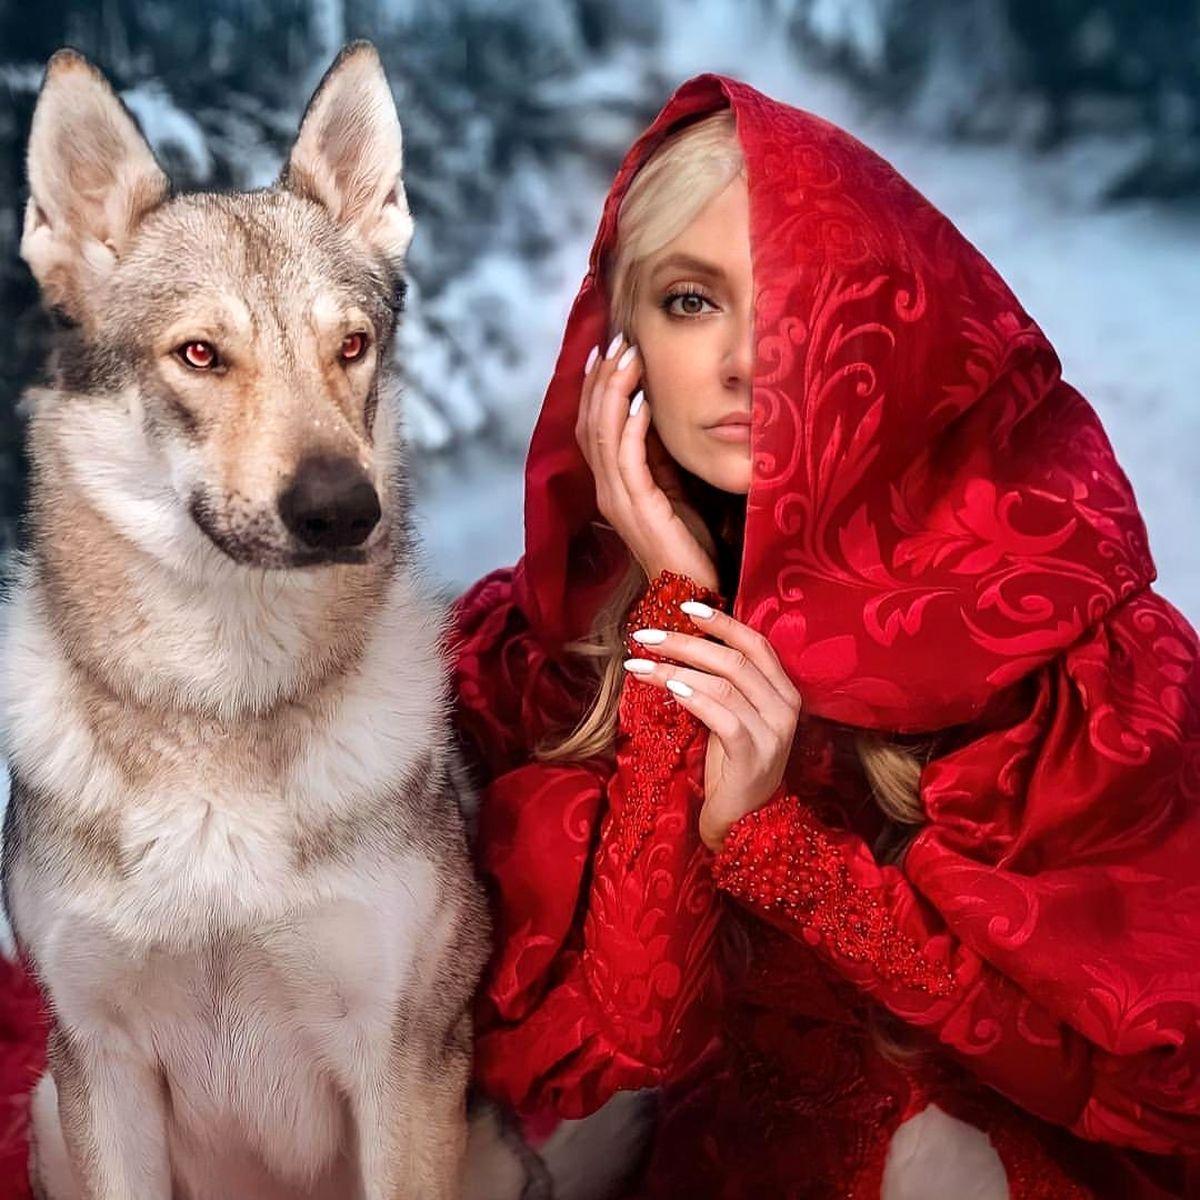 عکس مهناز افشار با لباس قرمز و سگی وحشتناک ! +عکس